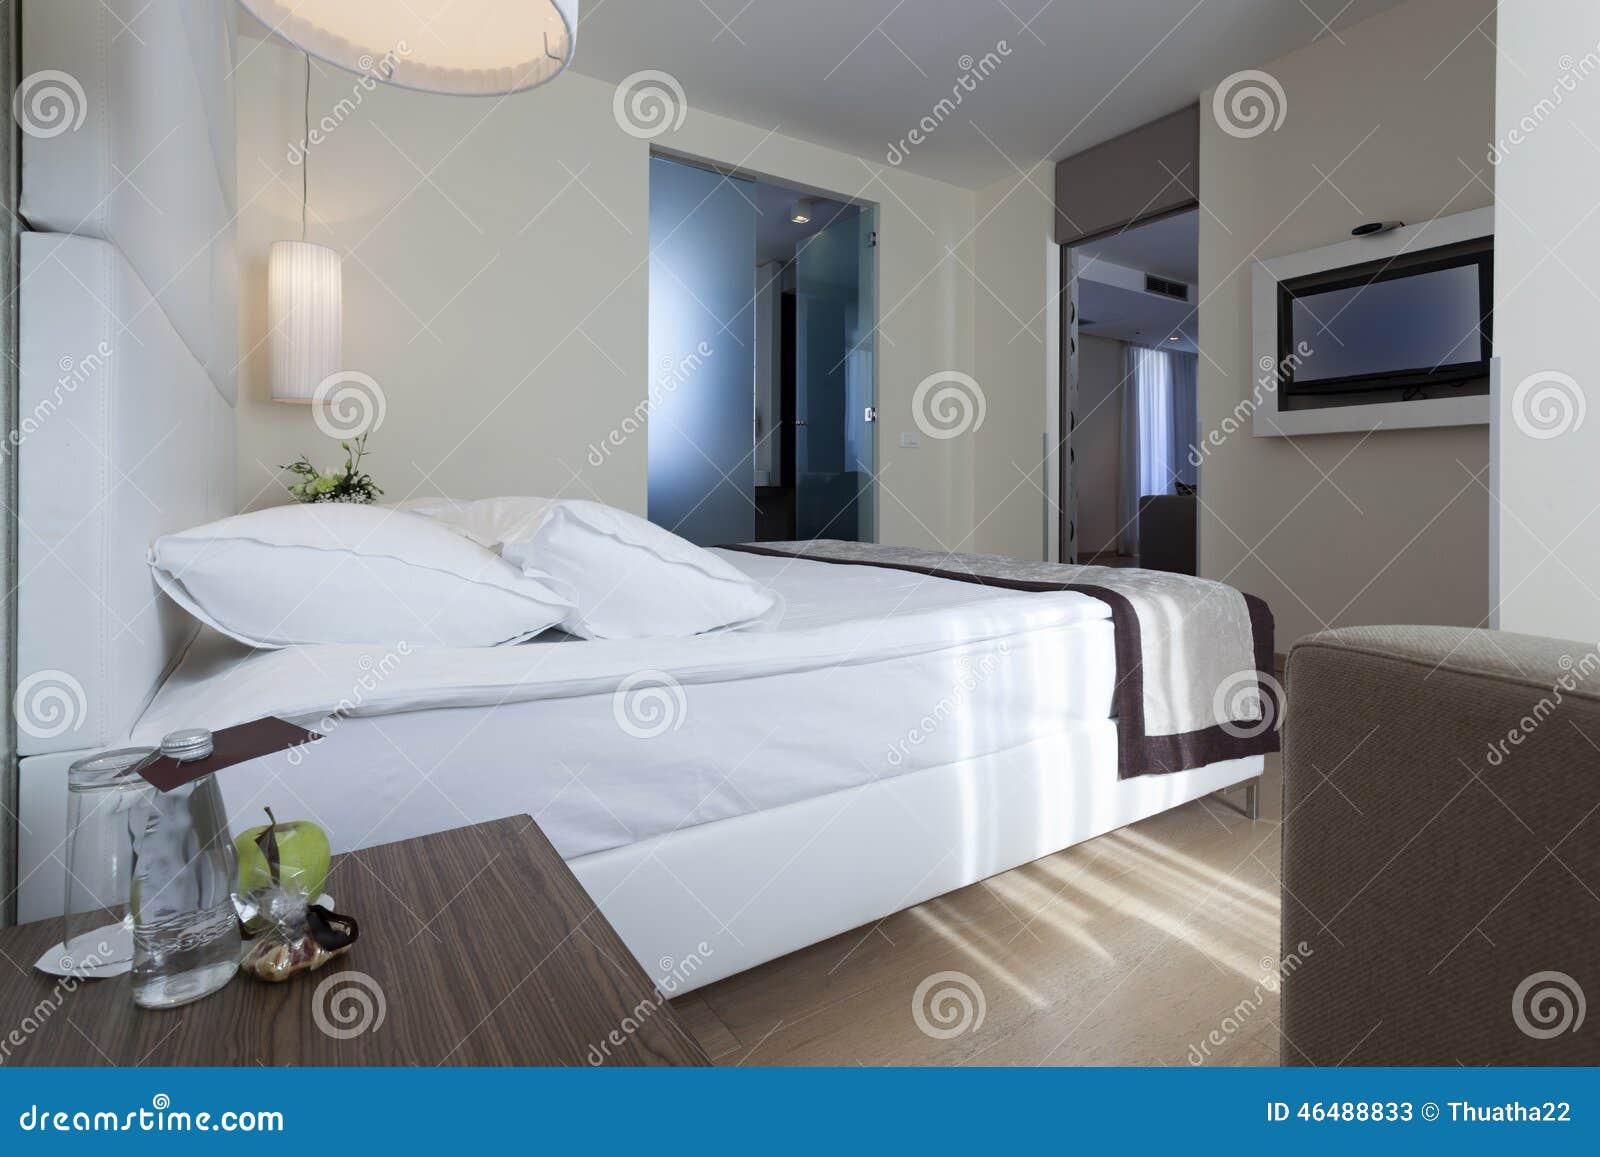 Chambre à coucher et salle de bains d'appartement de luxe photo ...